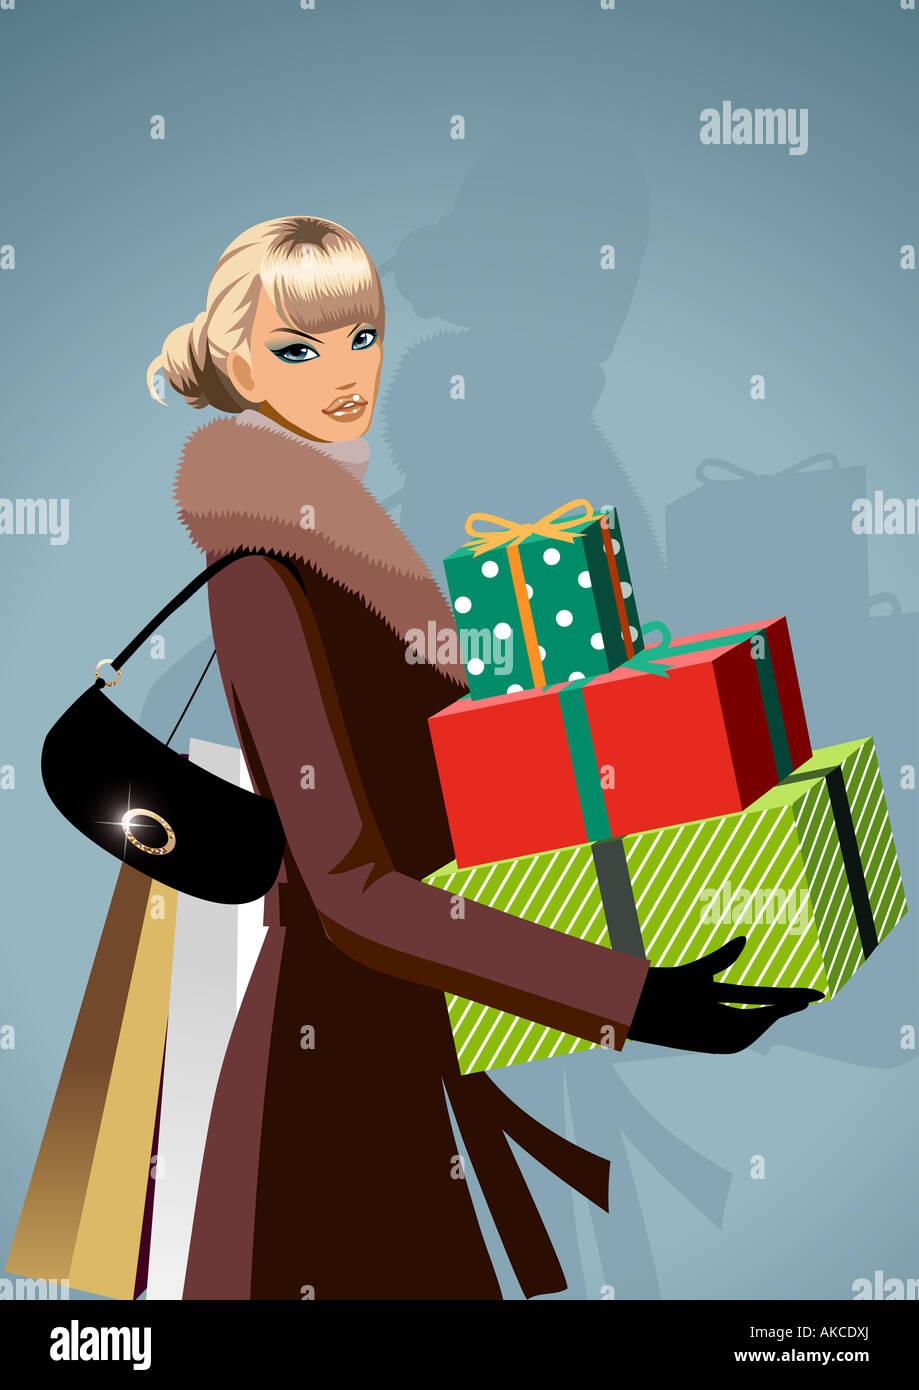 Ritratto di una donna che porta i regali di Natale Immagini Stock